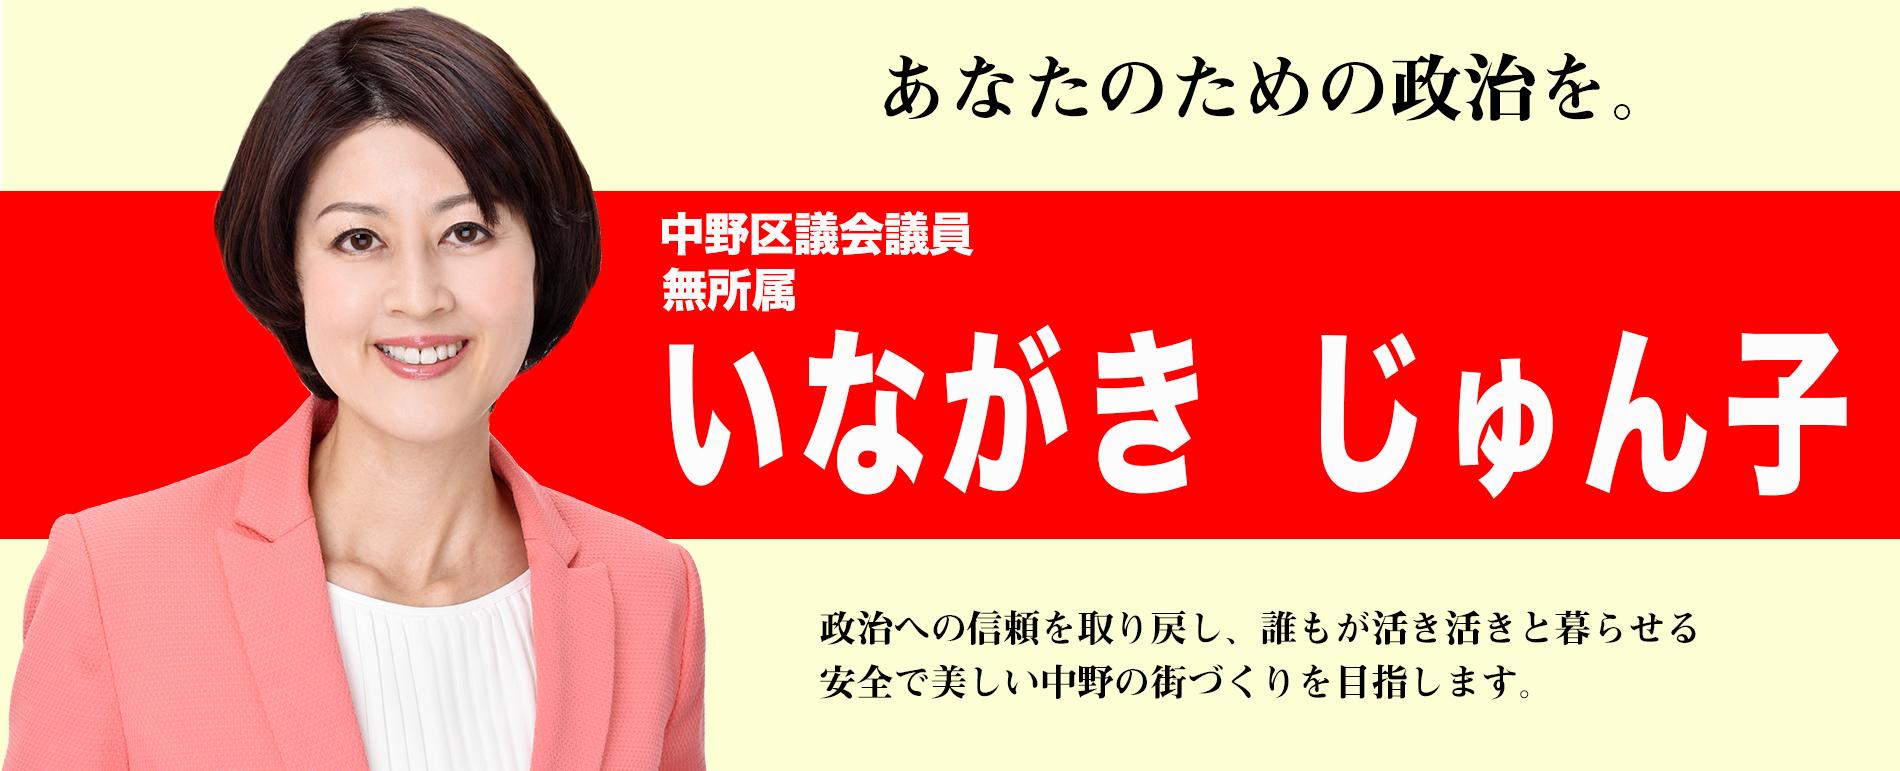 中野区議会議員稲垣淳子 あなたのための政治を 政治への信頼を取り戻したい